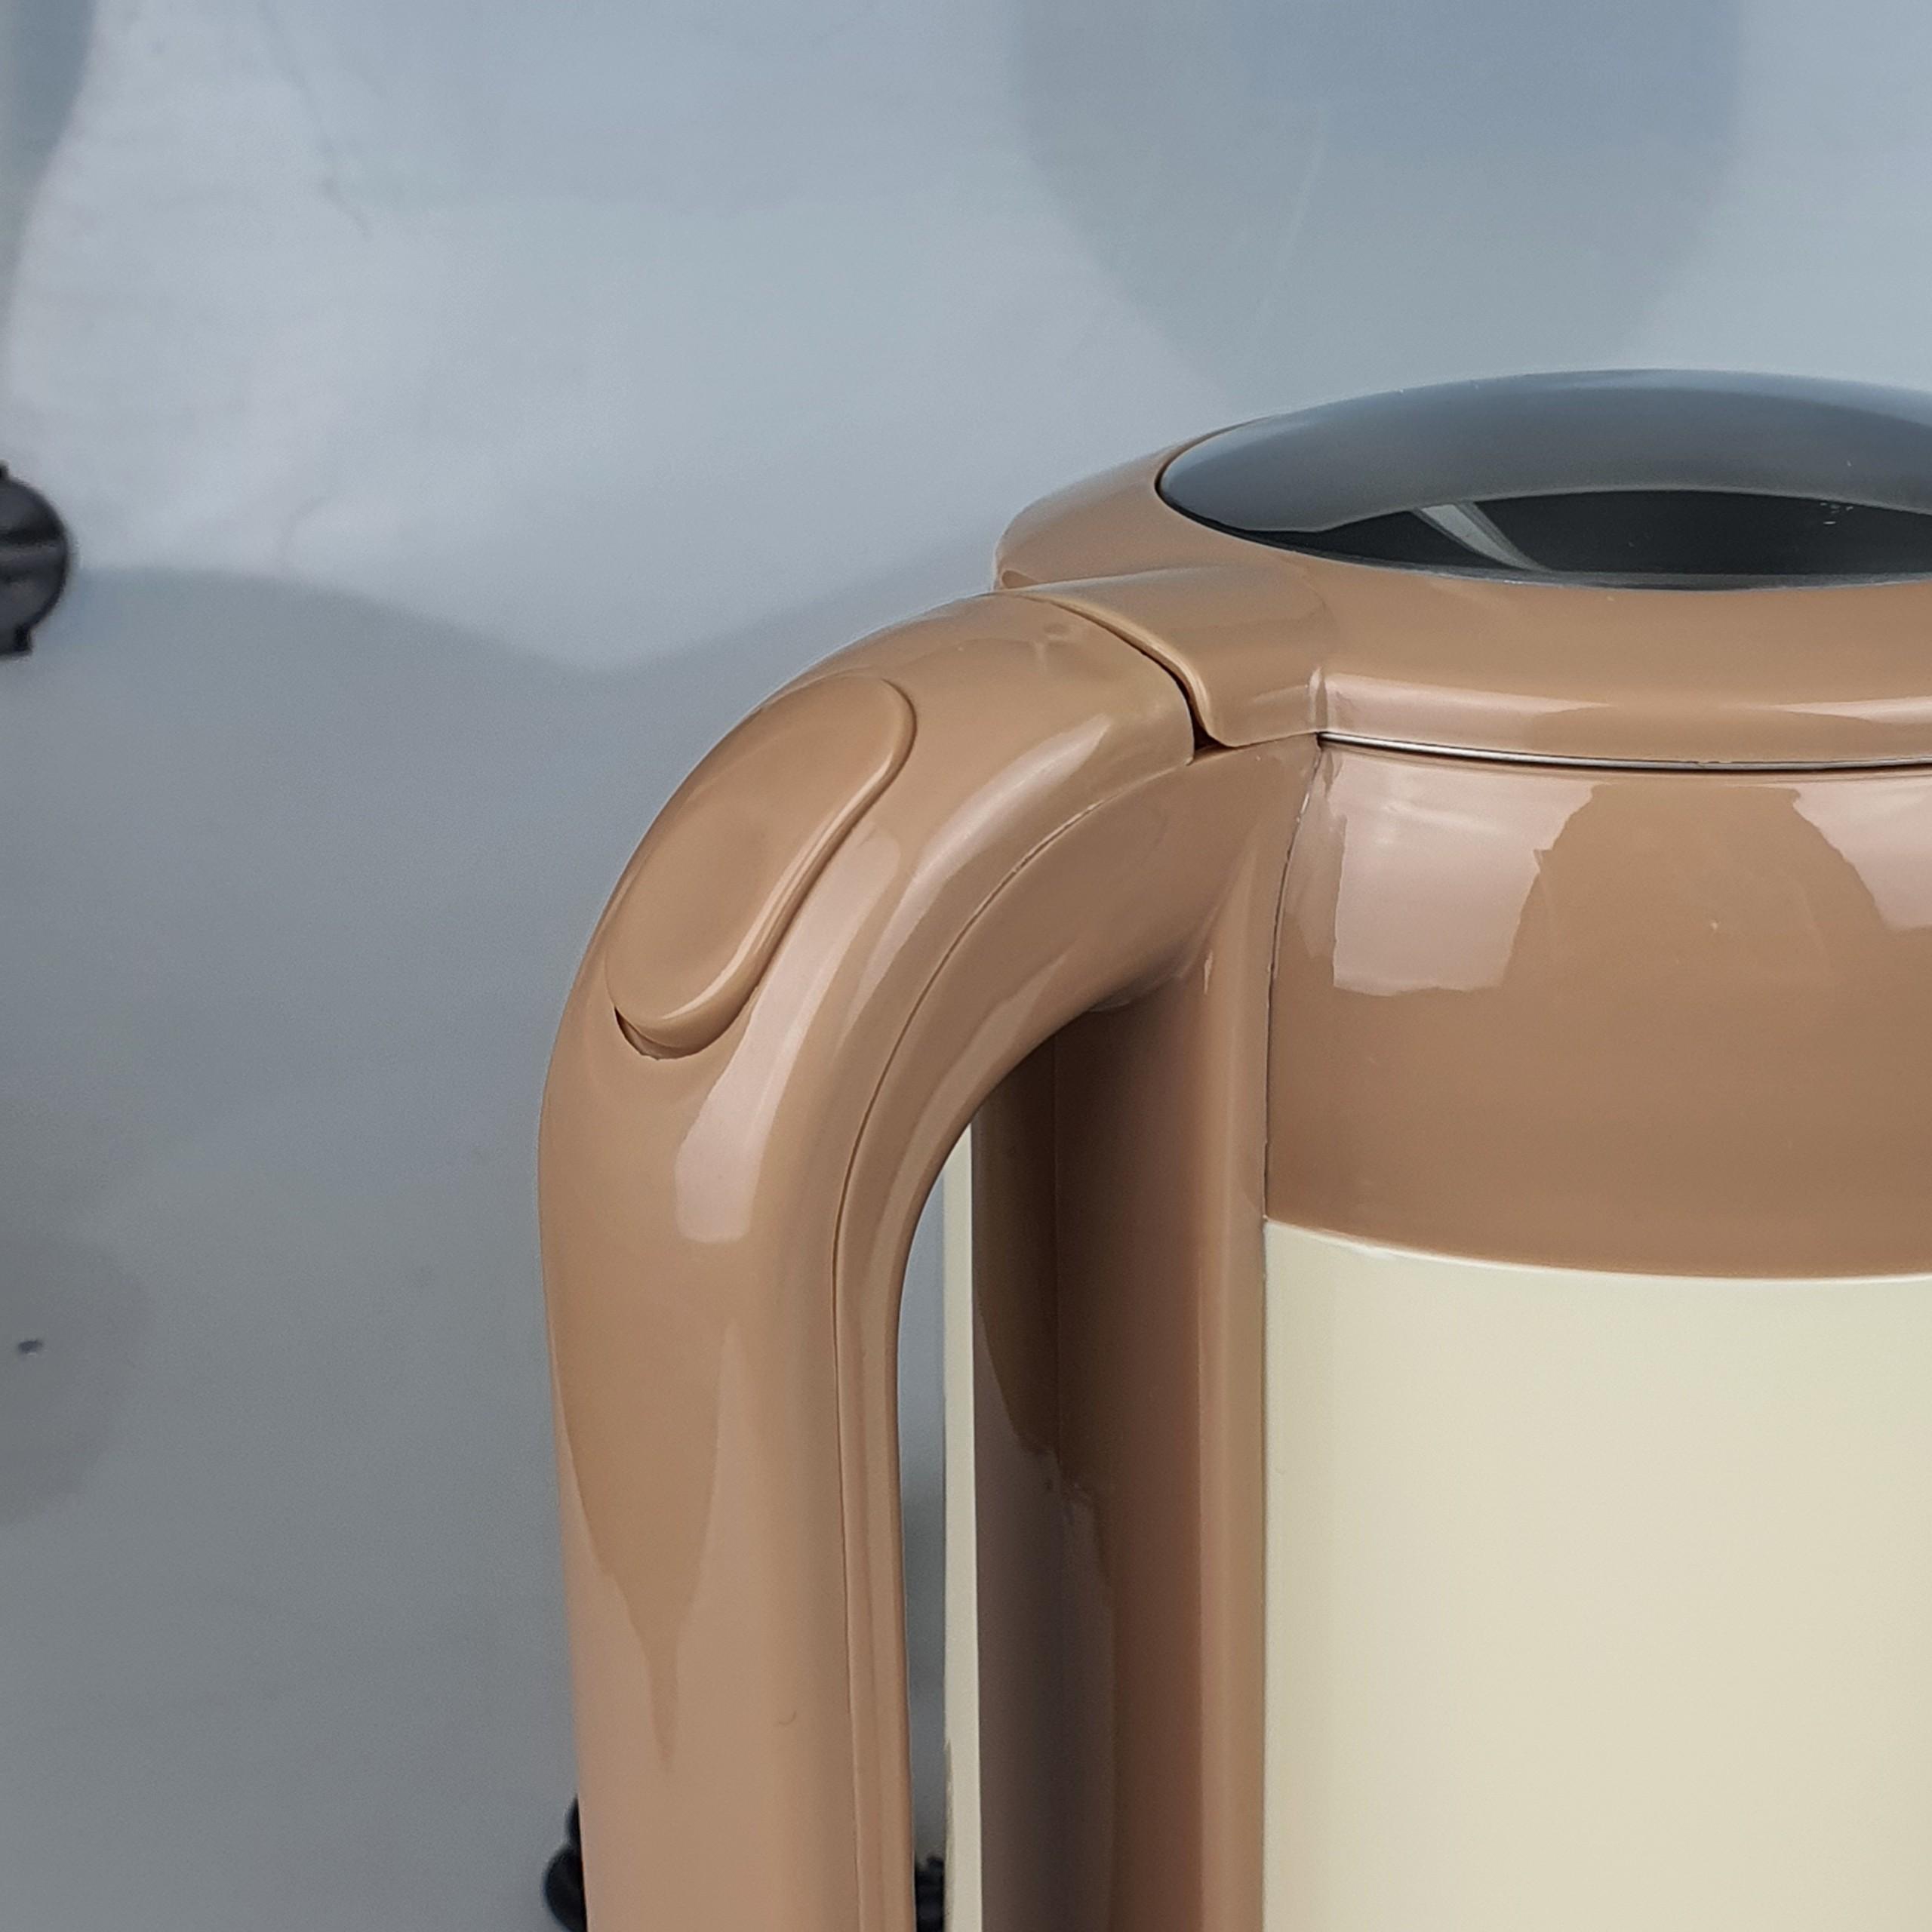 Ấm Siêu Tốc 2L Inox 304 Osako 2 Lớp Công Suất 1500W Đun Sôi Cực Nhanh Tiết Kiệm Điện-Màu Kem Xanh-Hàng Chính Hãng